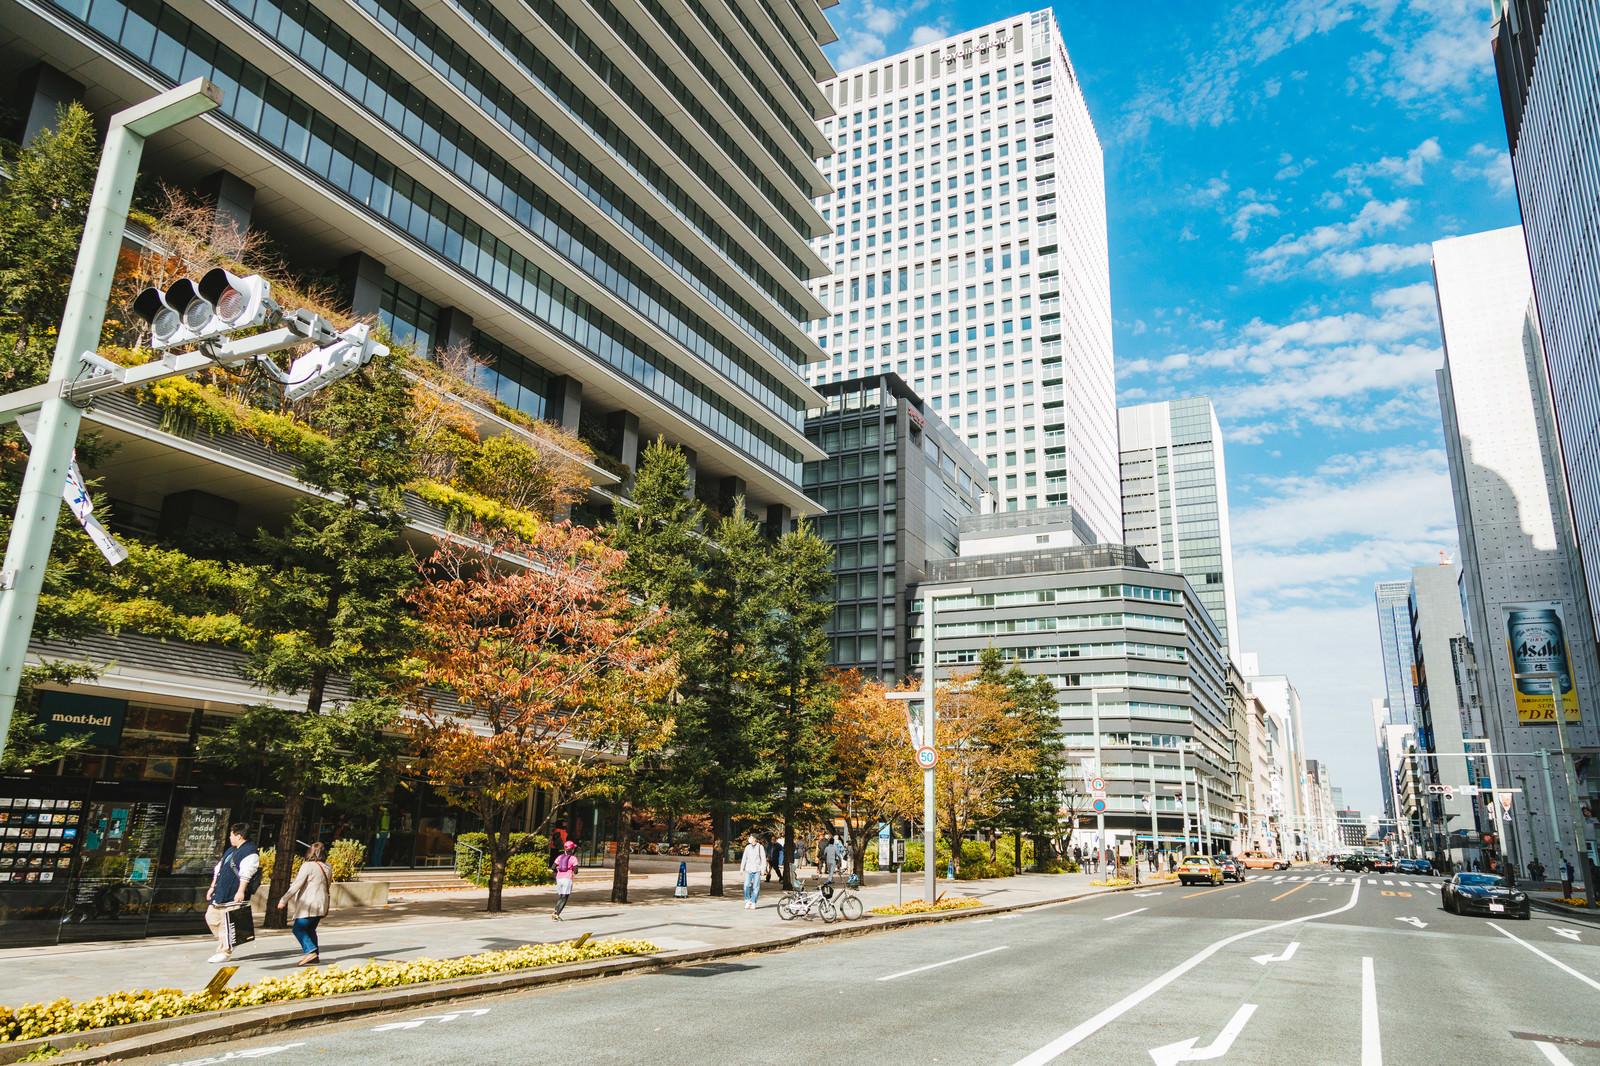 「京橋駅前の高層ビル京橋駅前の高層ビル」のフリー写真素材を拡大